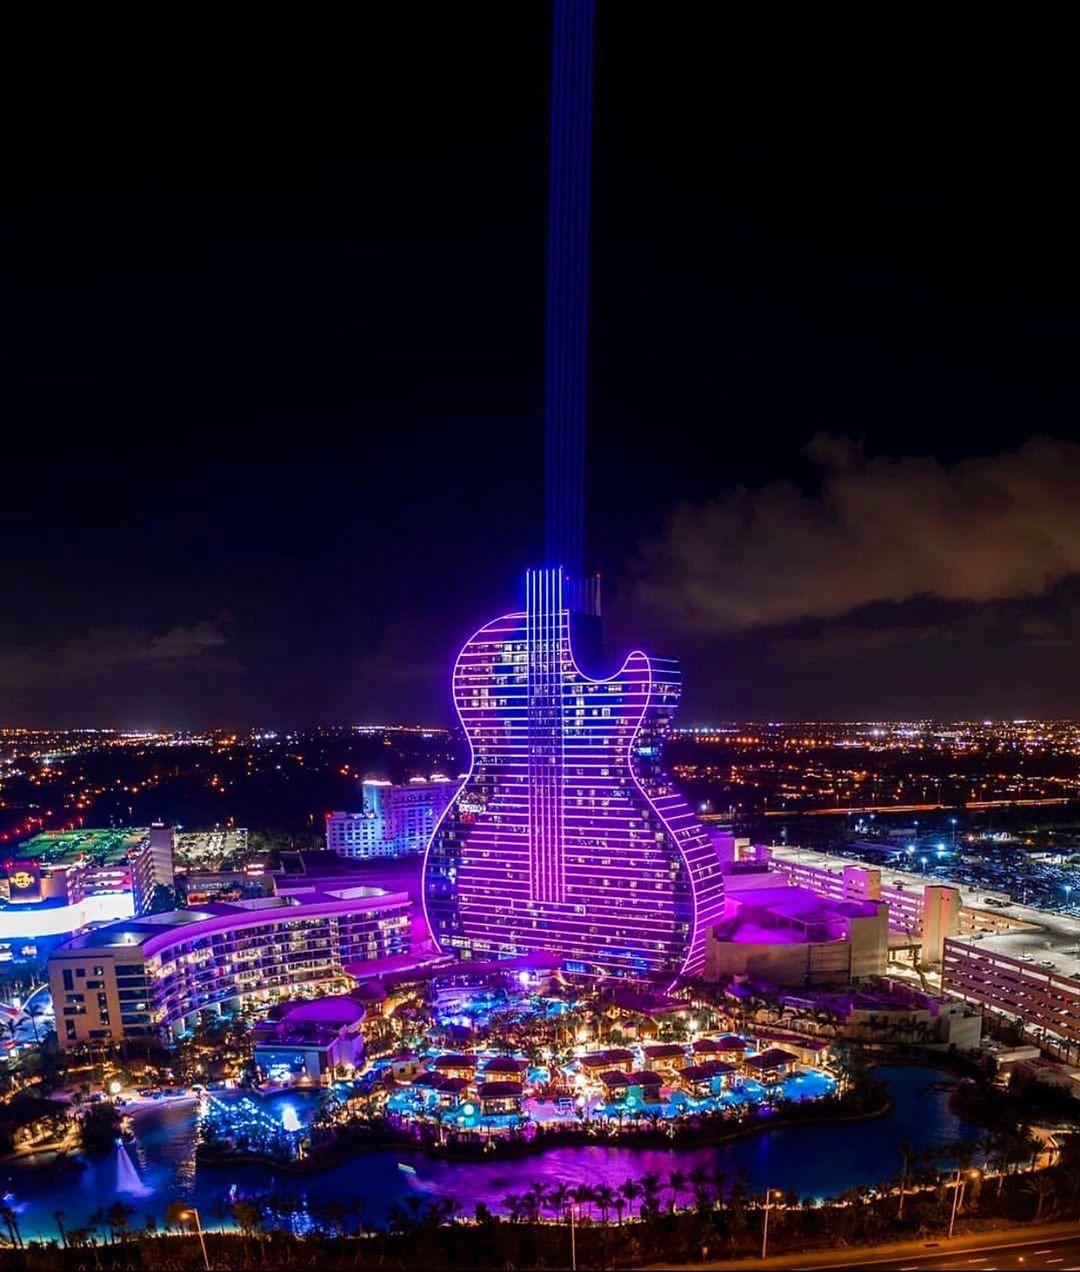 d025793f658b86c477004b95faaa239d - Hotels In Miami Gardens Near Hard Rock Stadium